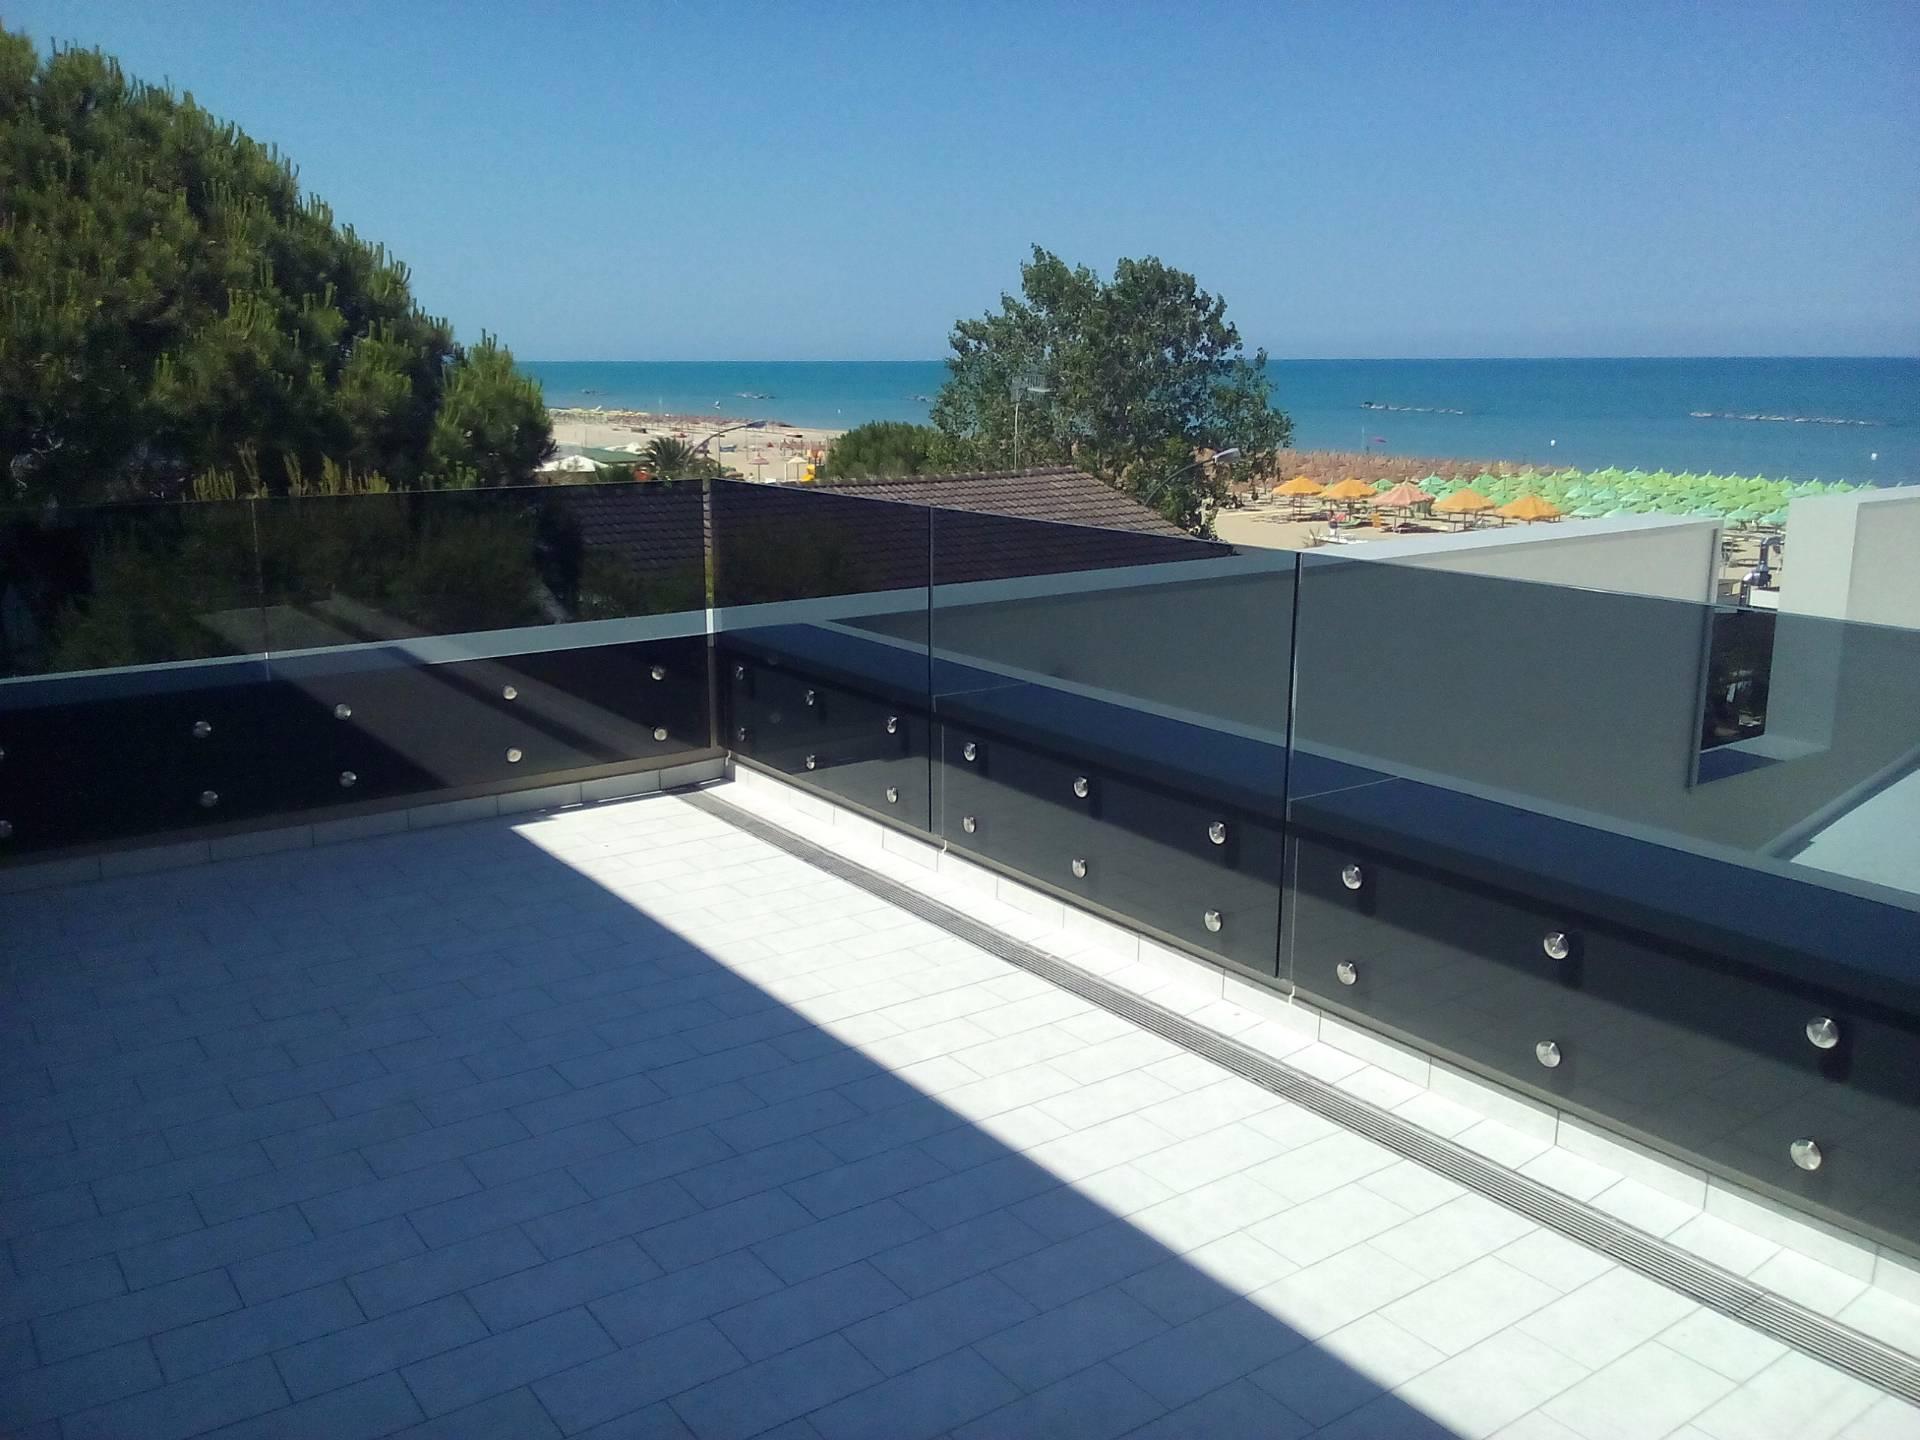 Appartamento in vendita a Roseto degli Abruzzi, 6 locali, Trattative riservate | CambioCasa.it